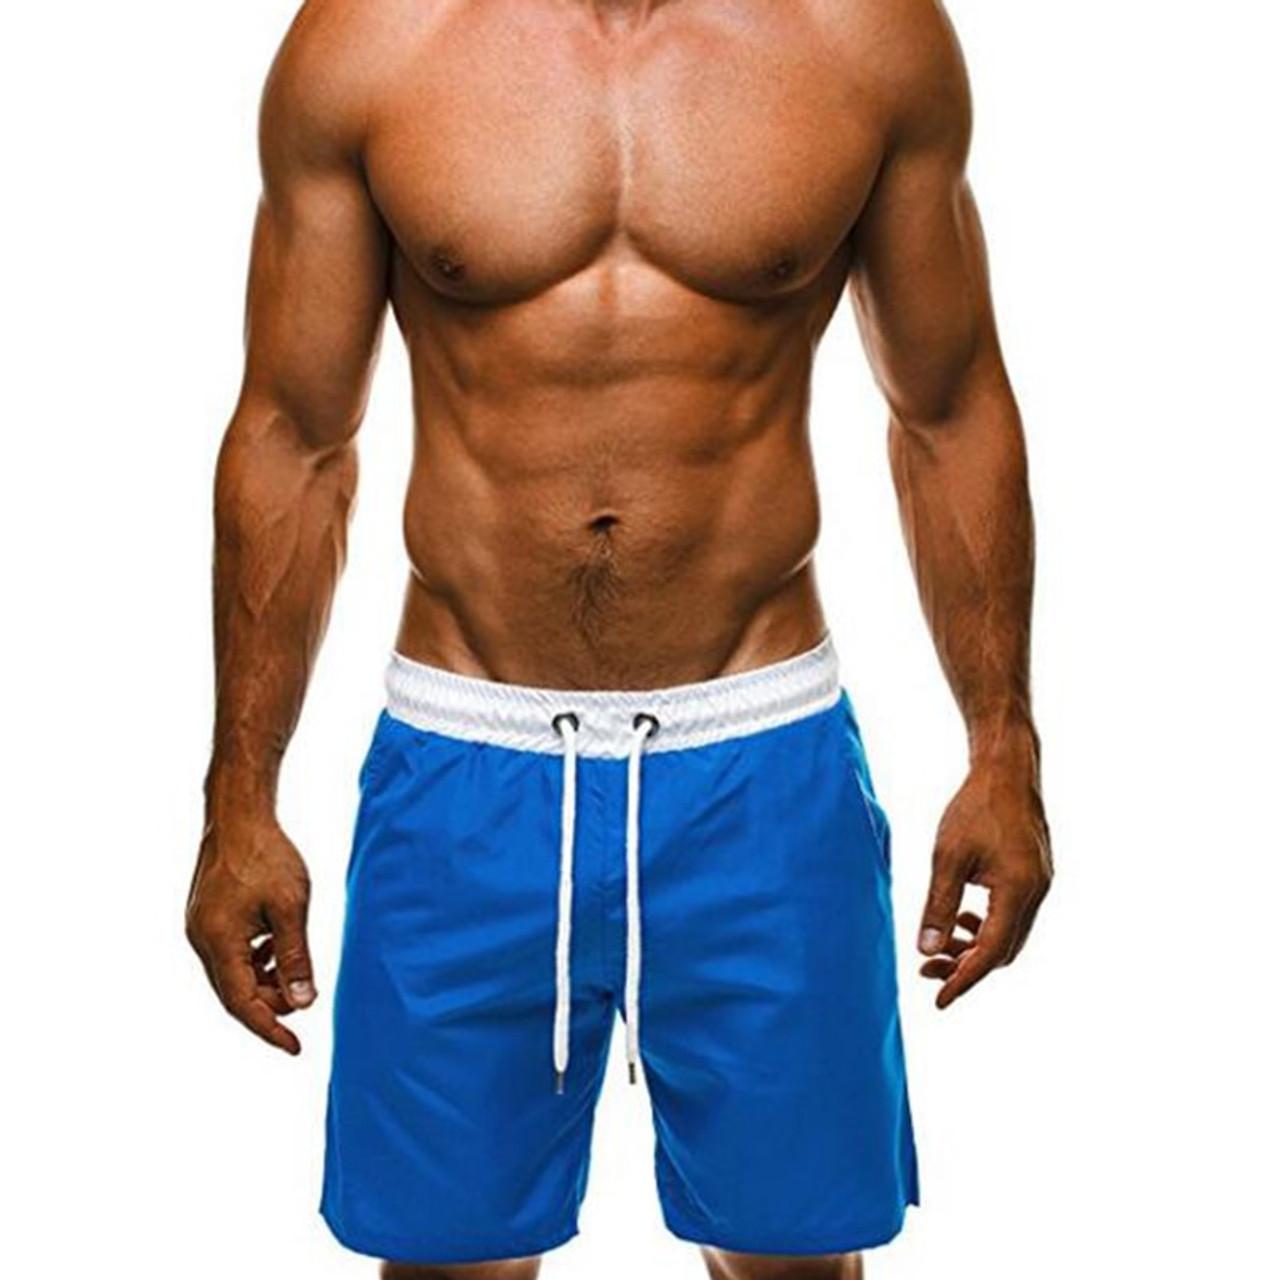 Mens Boardshorts Surf Board Swim Wear Beach Sports Low Rise Trunk Shorts Pants